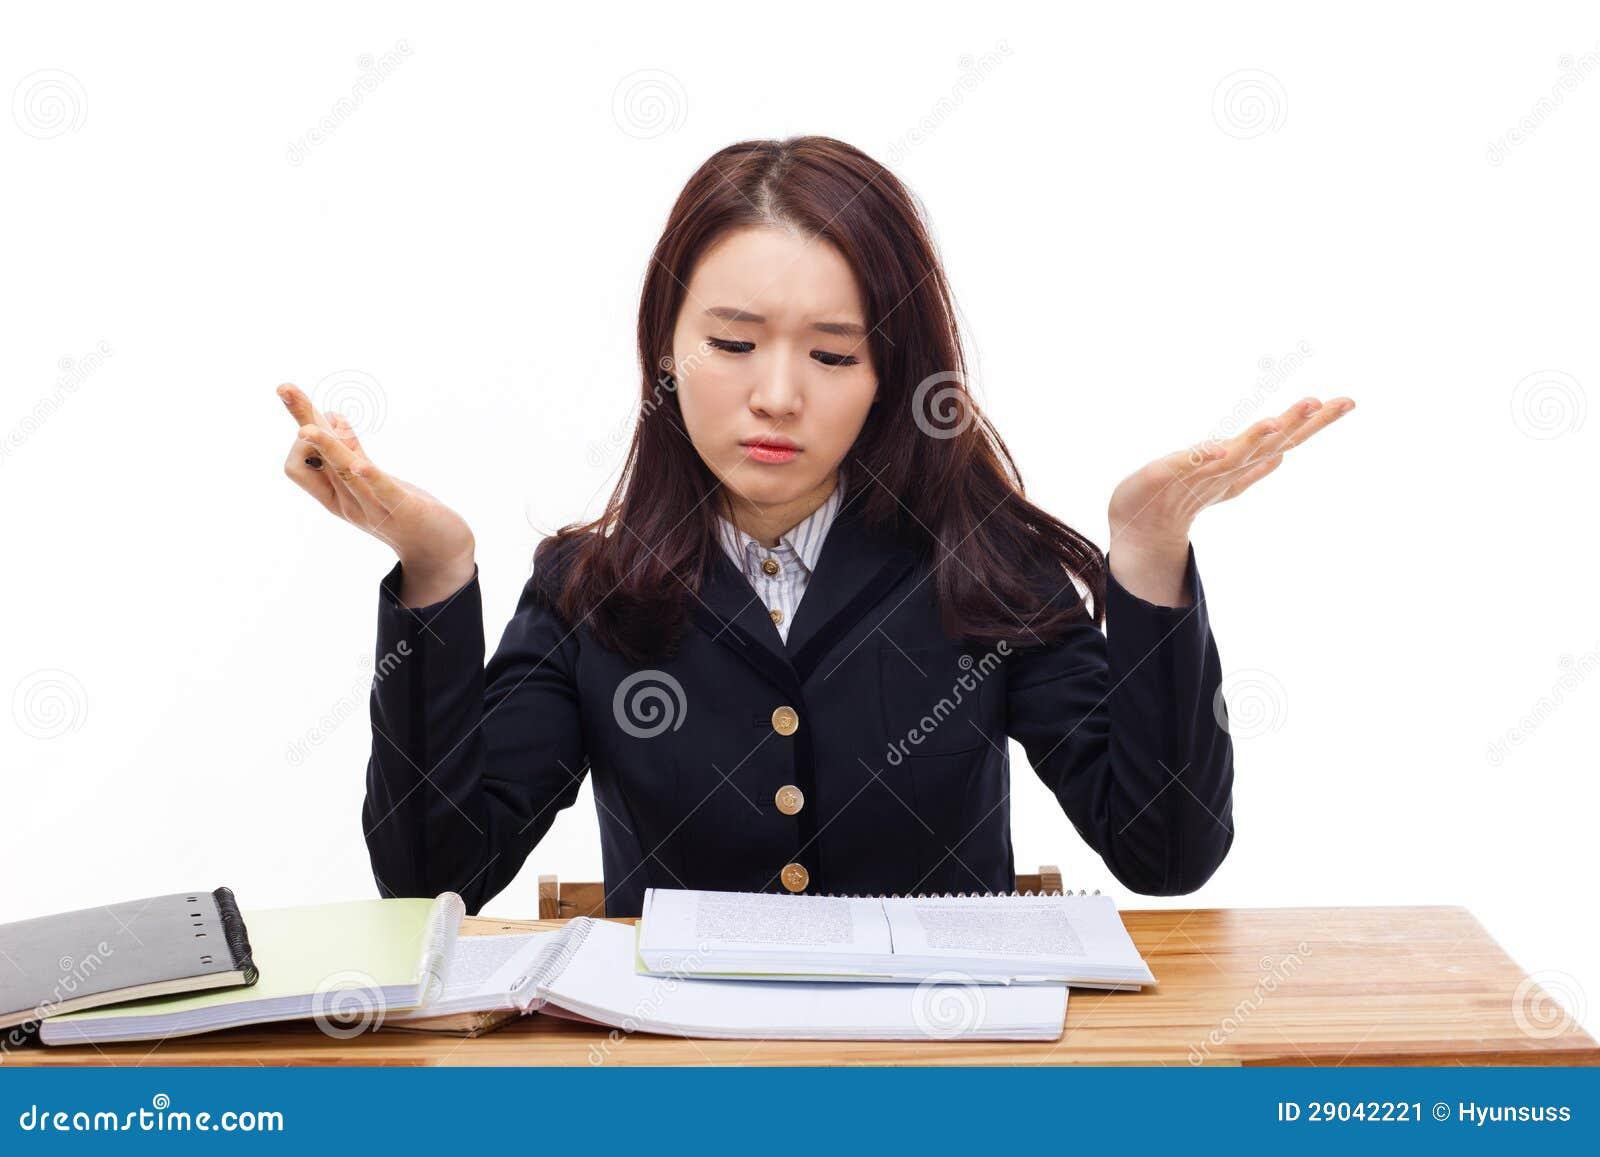 Junger asiatischer Student, der Problem auf Schreibtisch hat.